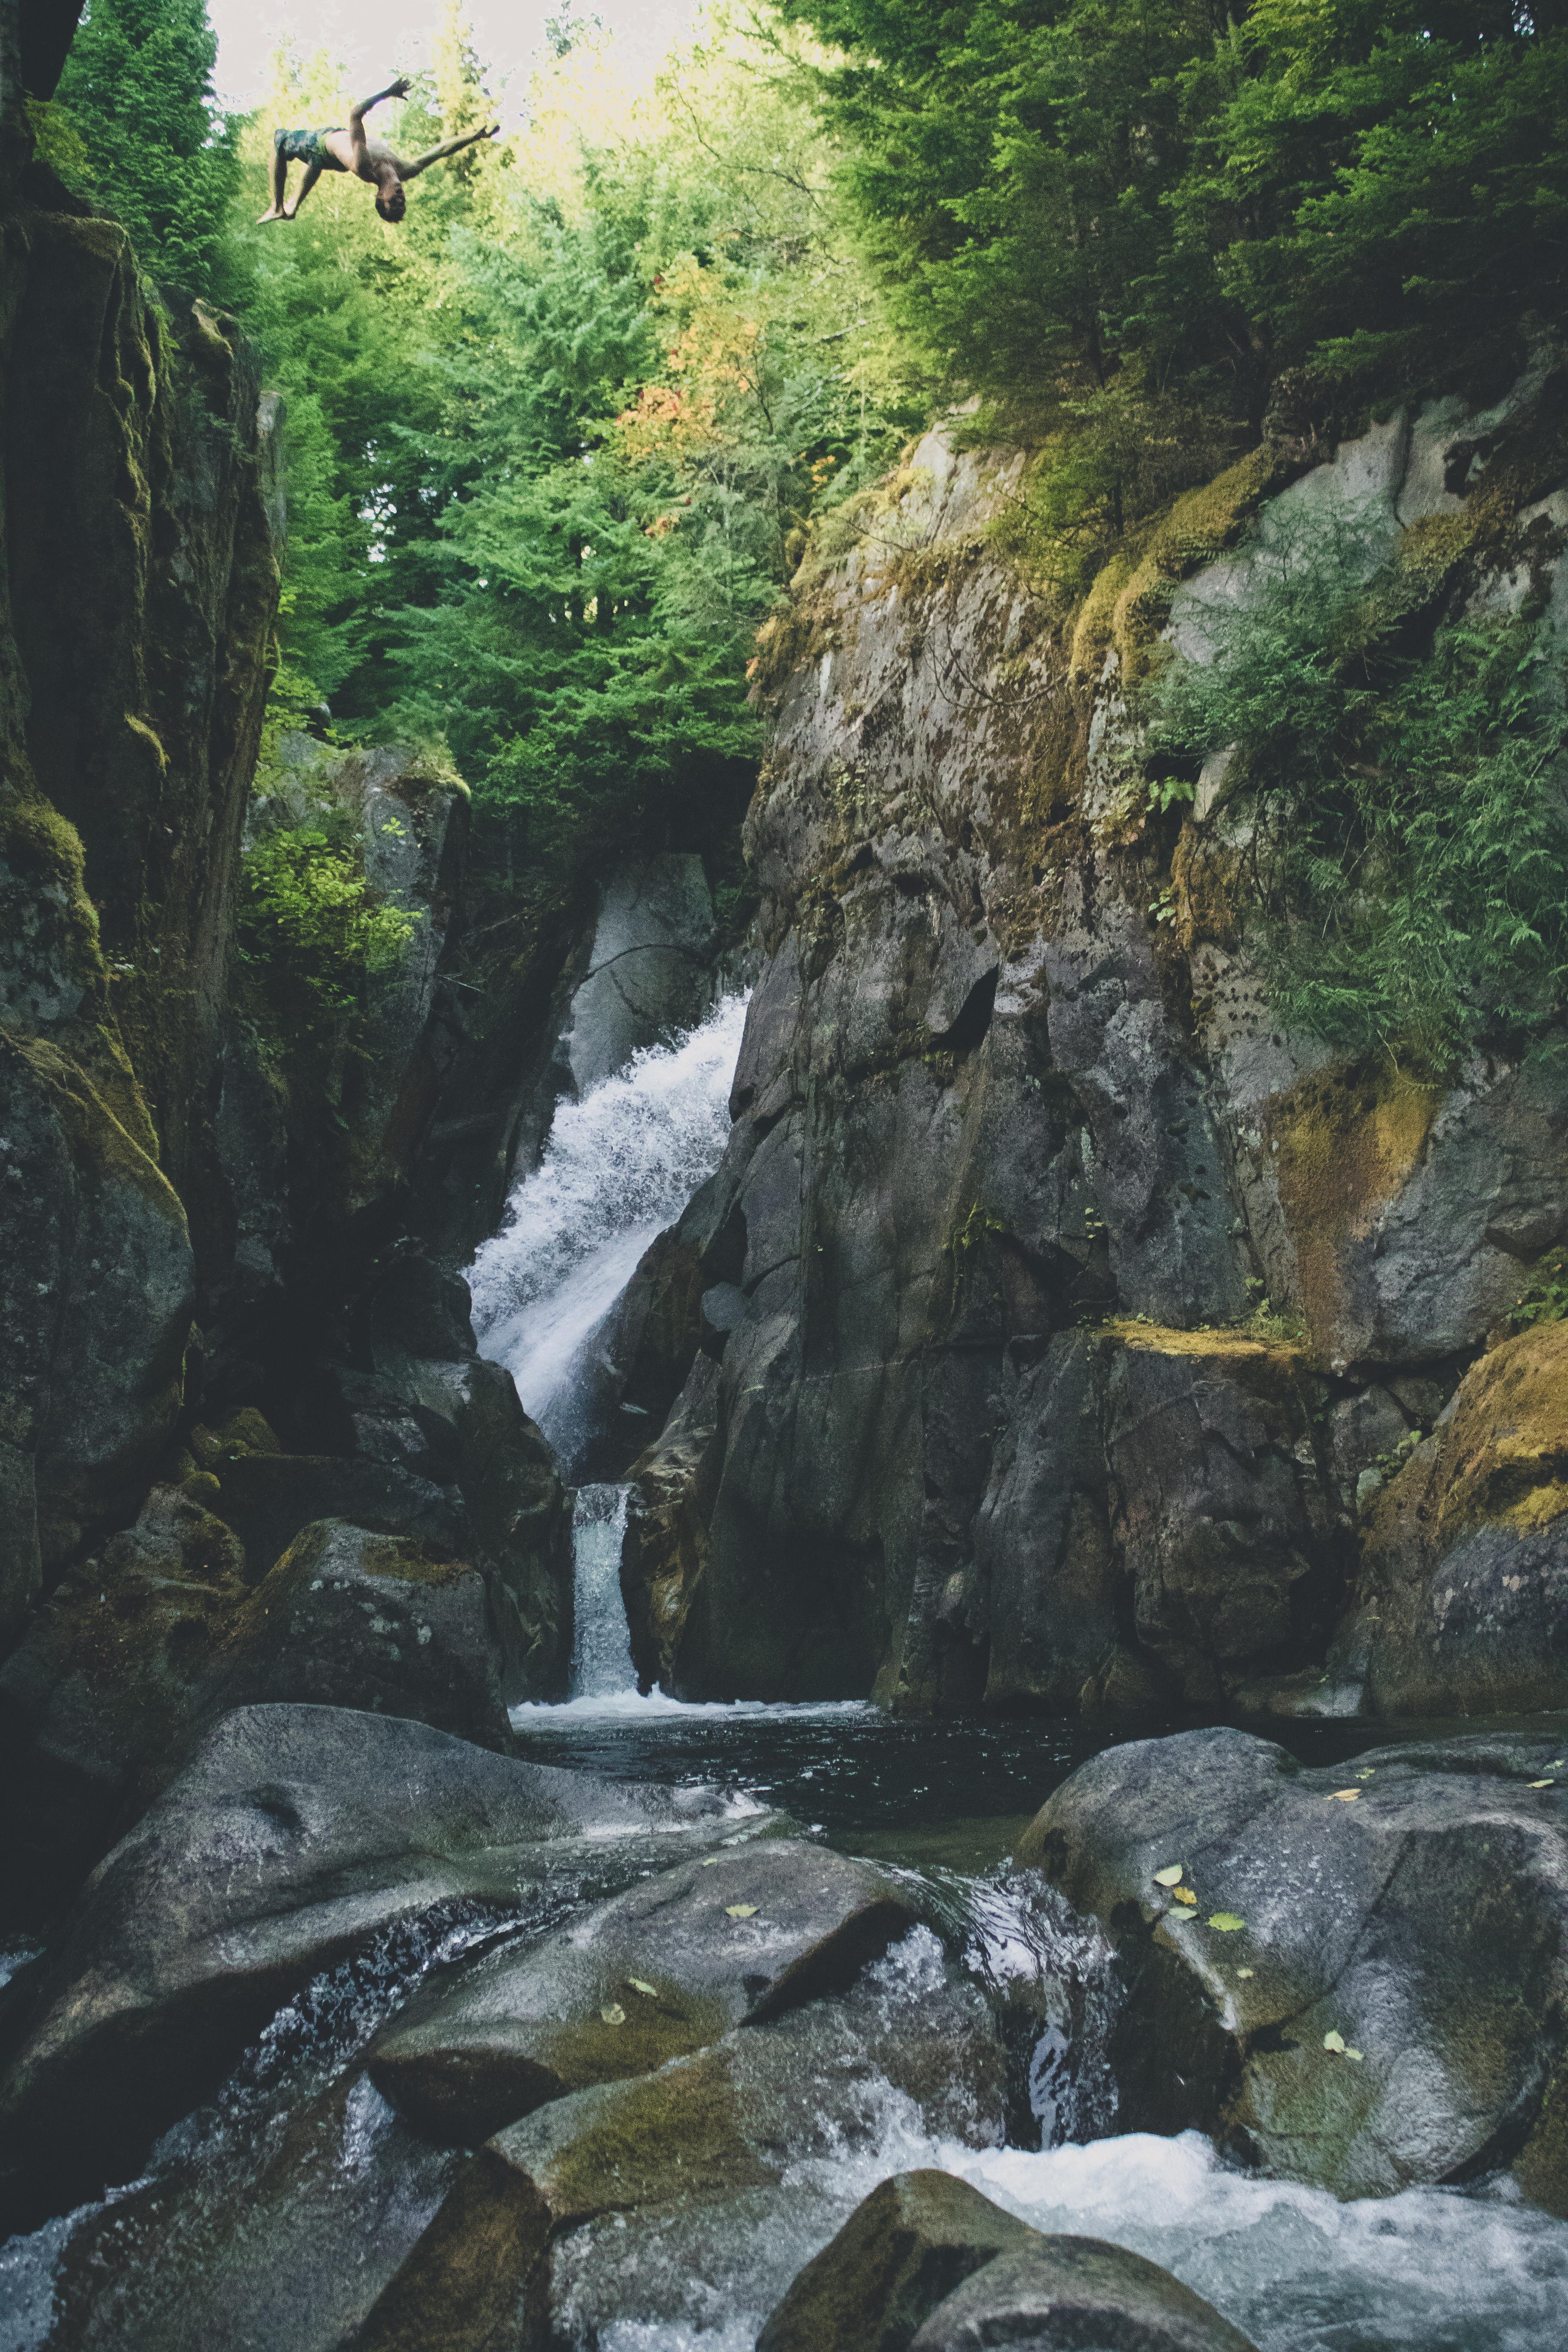 Humphrey Falls